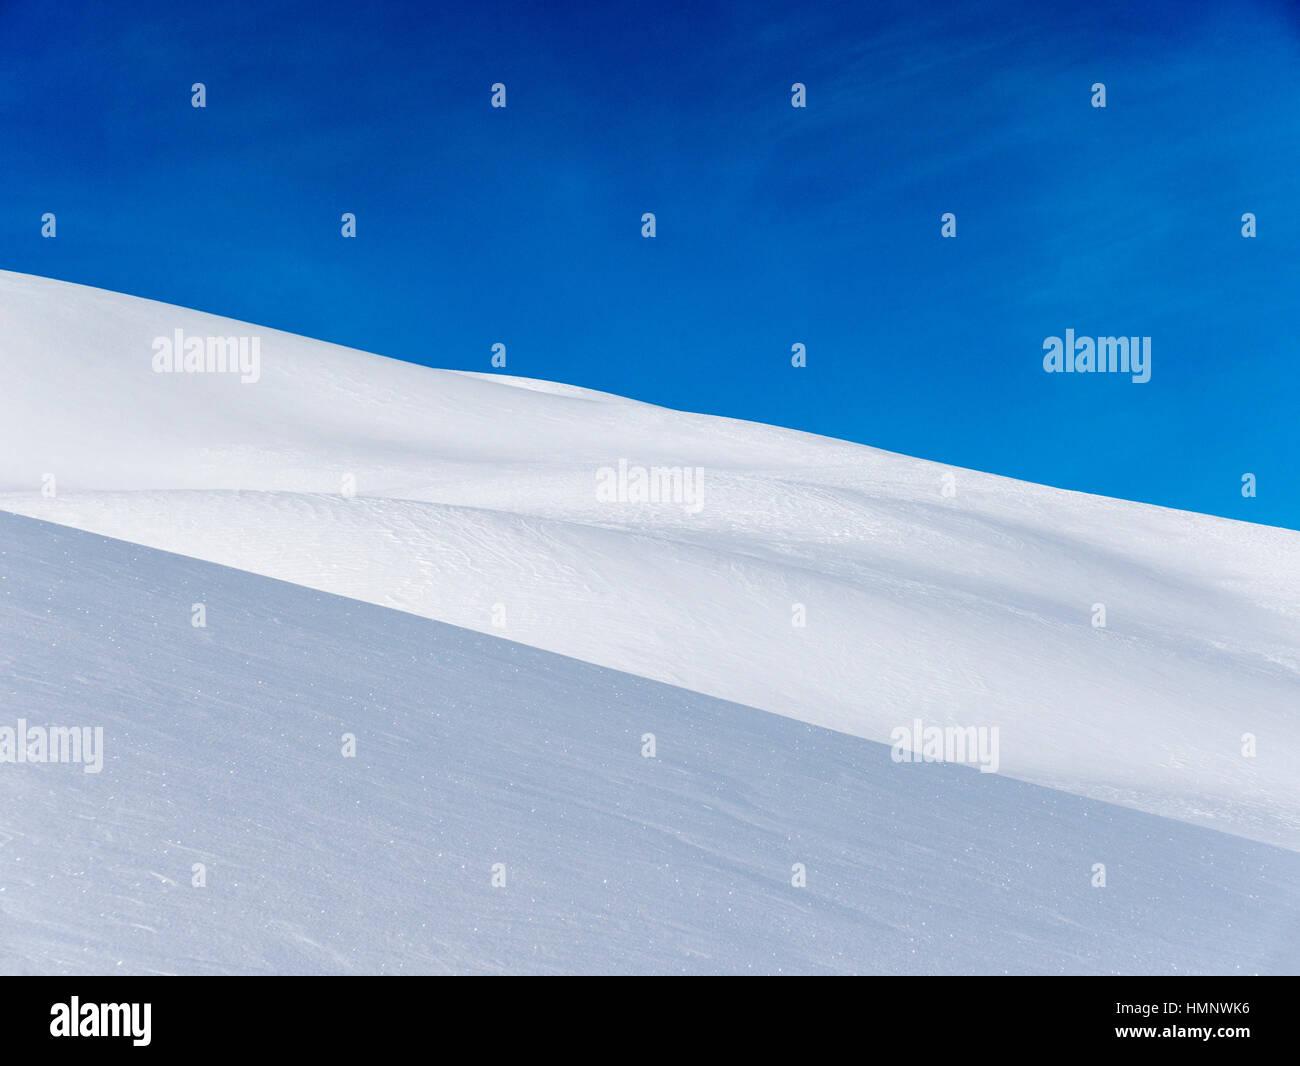 Close-up dettaglio dei modelli in fresco in polvere di neve; Esplanade gamma; Selkirk montagne; British Columbia; Canada Foto Stock